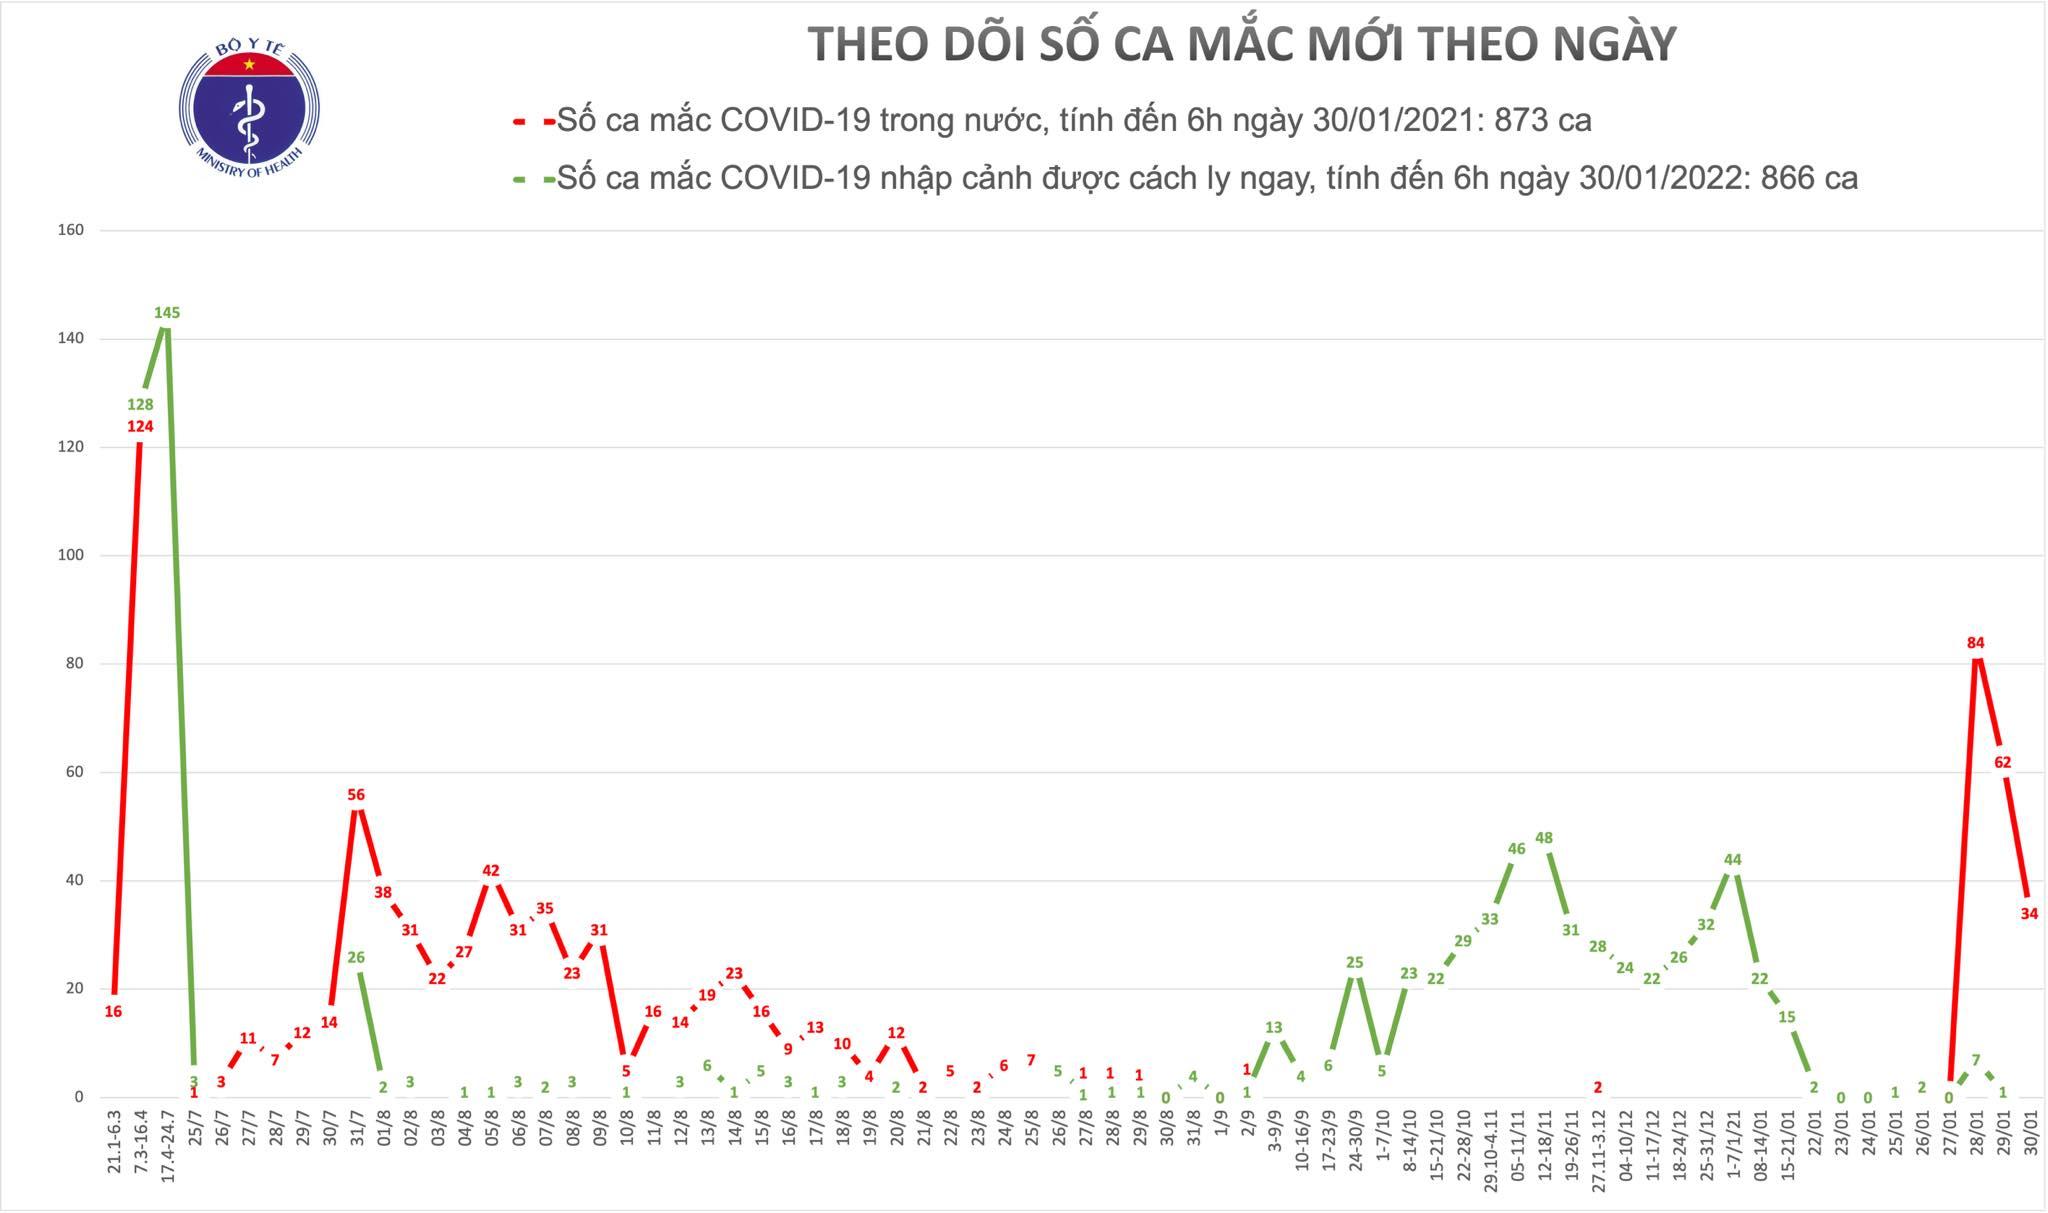 Sáng 30/1, có 34 ca mắc COVID-19 trong cộng đồng ở Hải Dương và Quảng Ninh